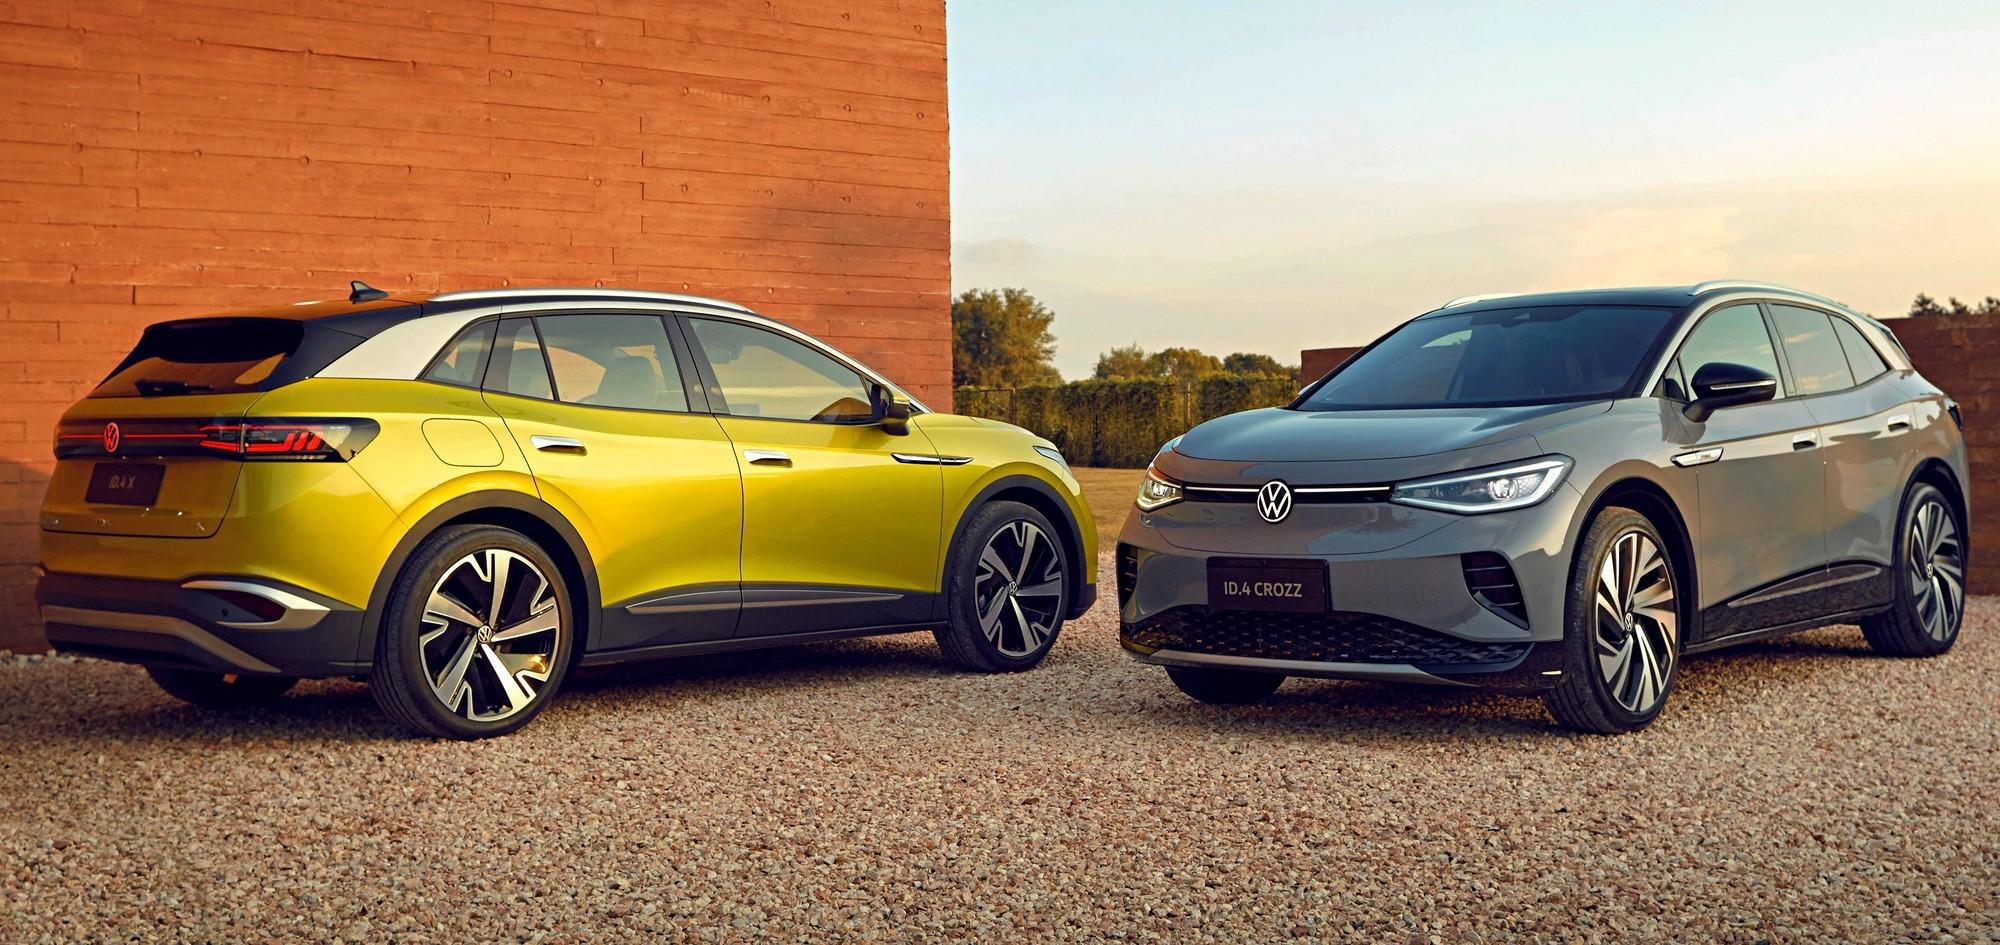 VW ID.4 плохо продаётся в Китае, два завода для его производства — явный перебор